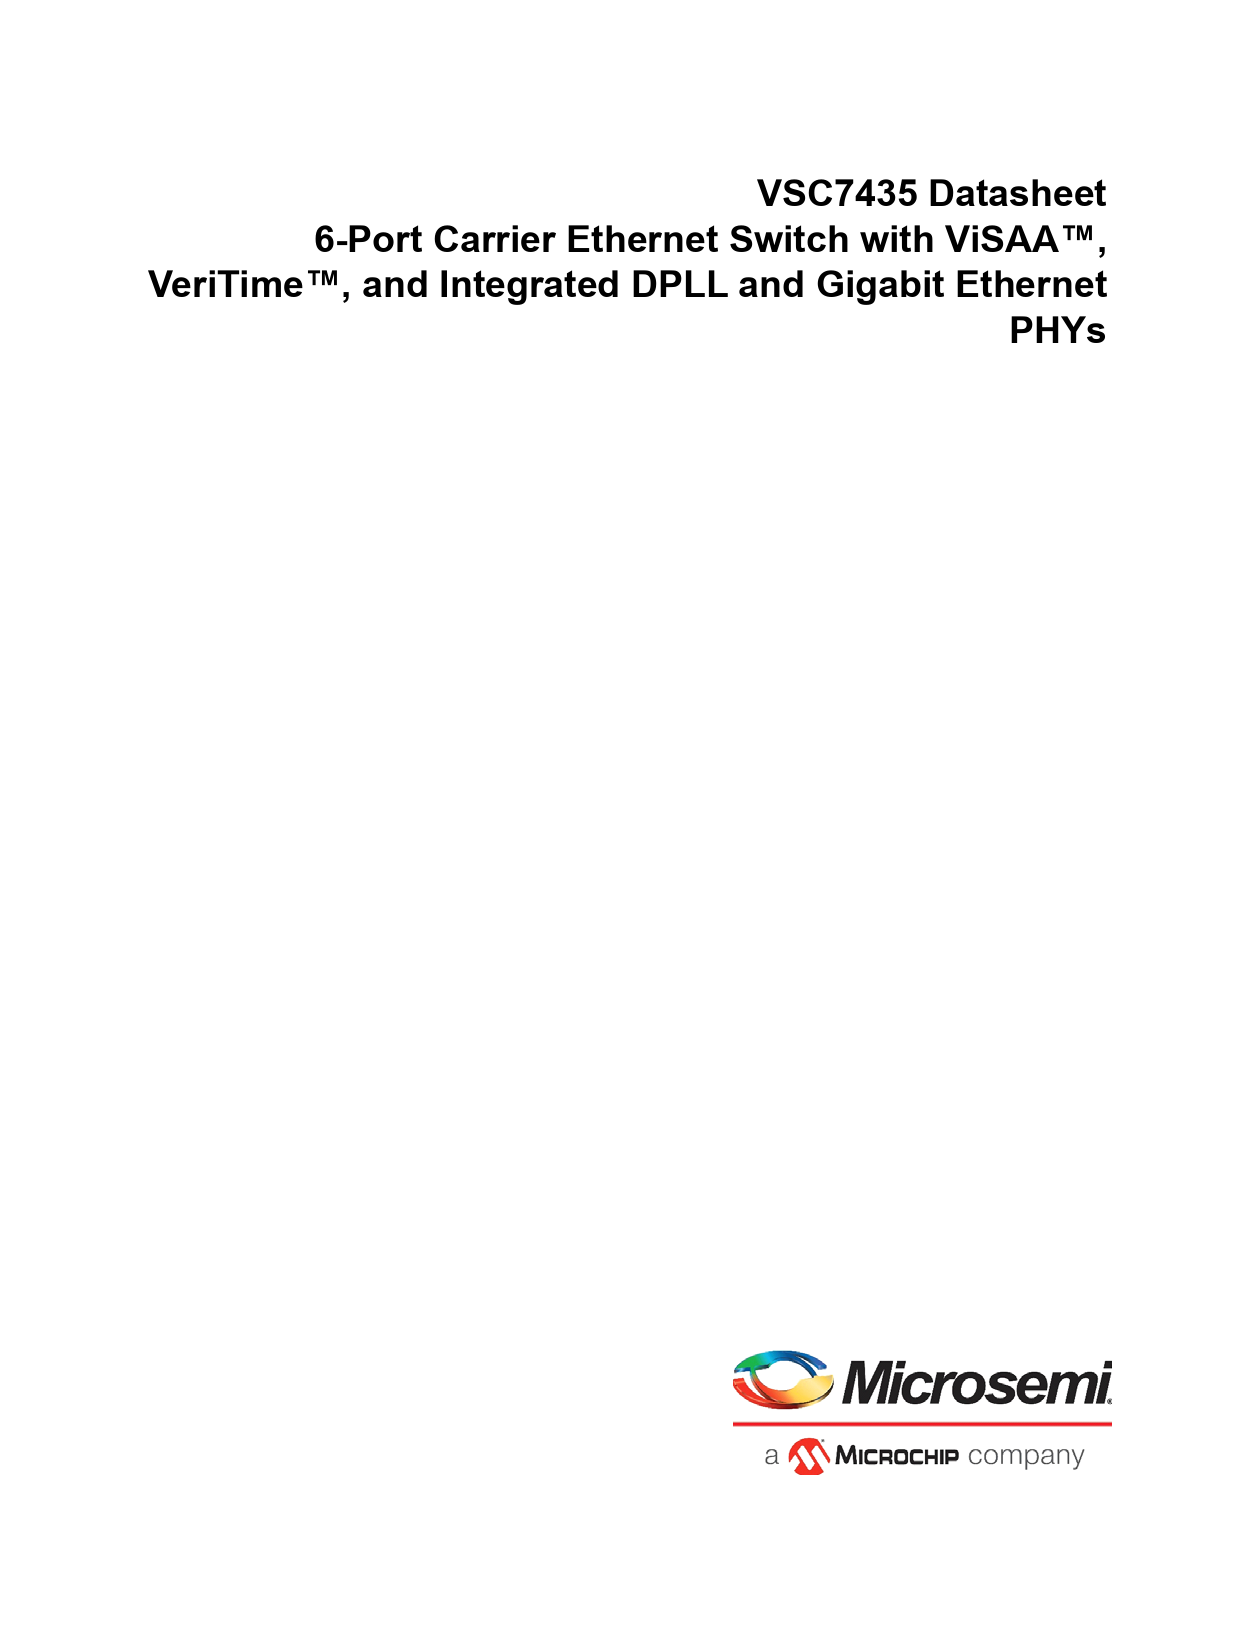 Datasheet VSC7435 Microchip